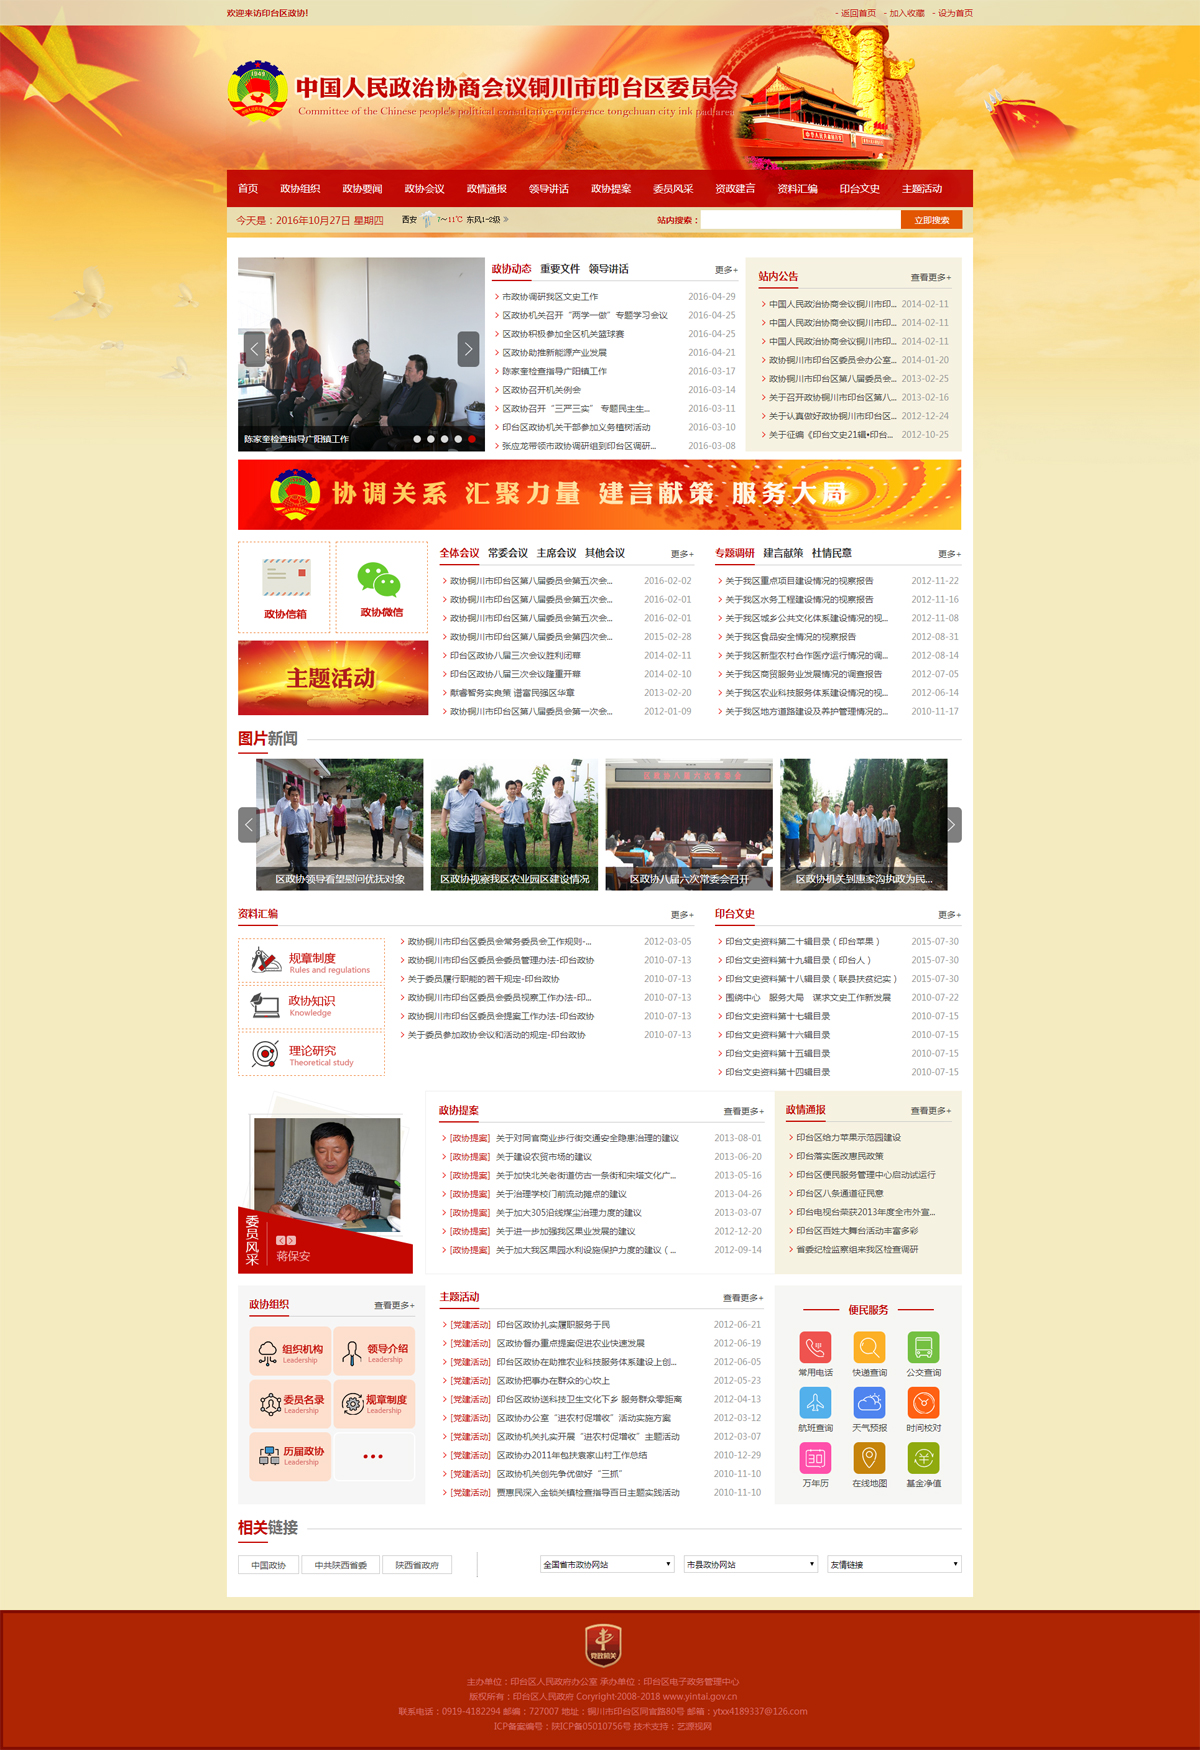 印台区政【政府网站建设案例】-艺源科技